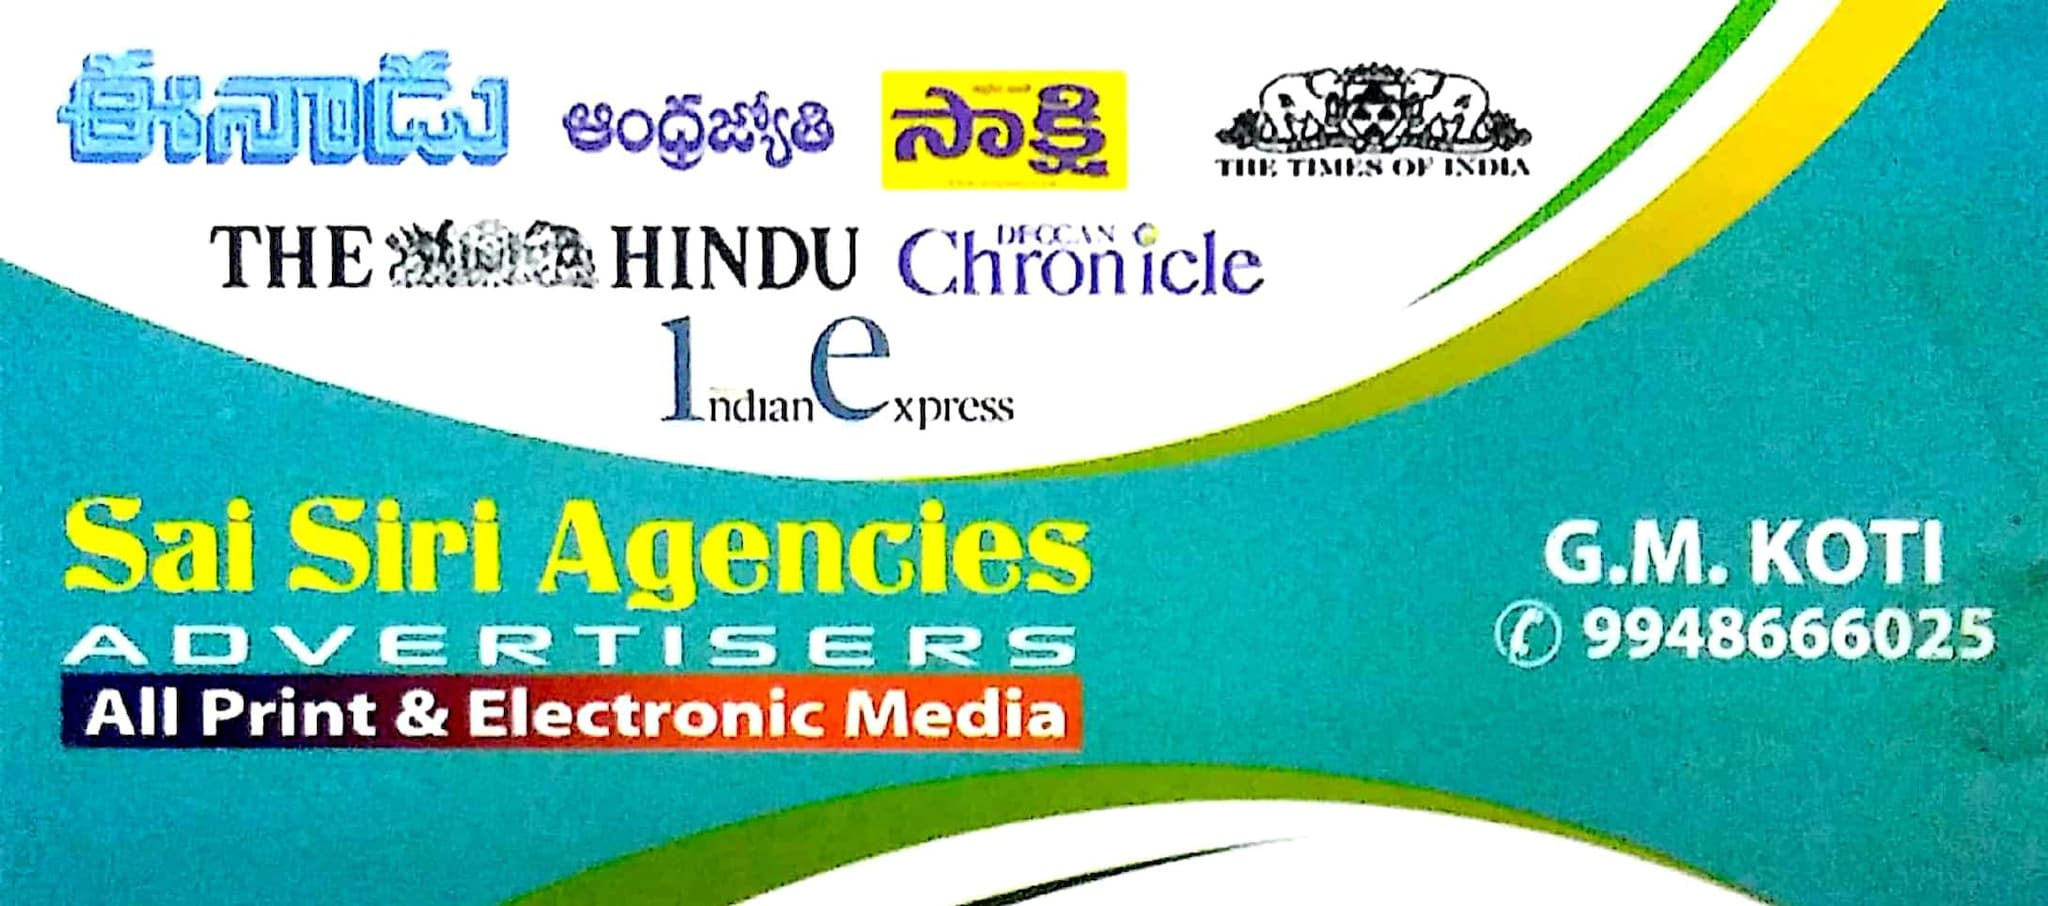 Top 20 Eenadu Newspaper Advertising Agencies in Visakhapatnam - Best